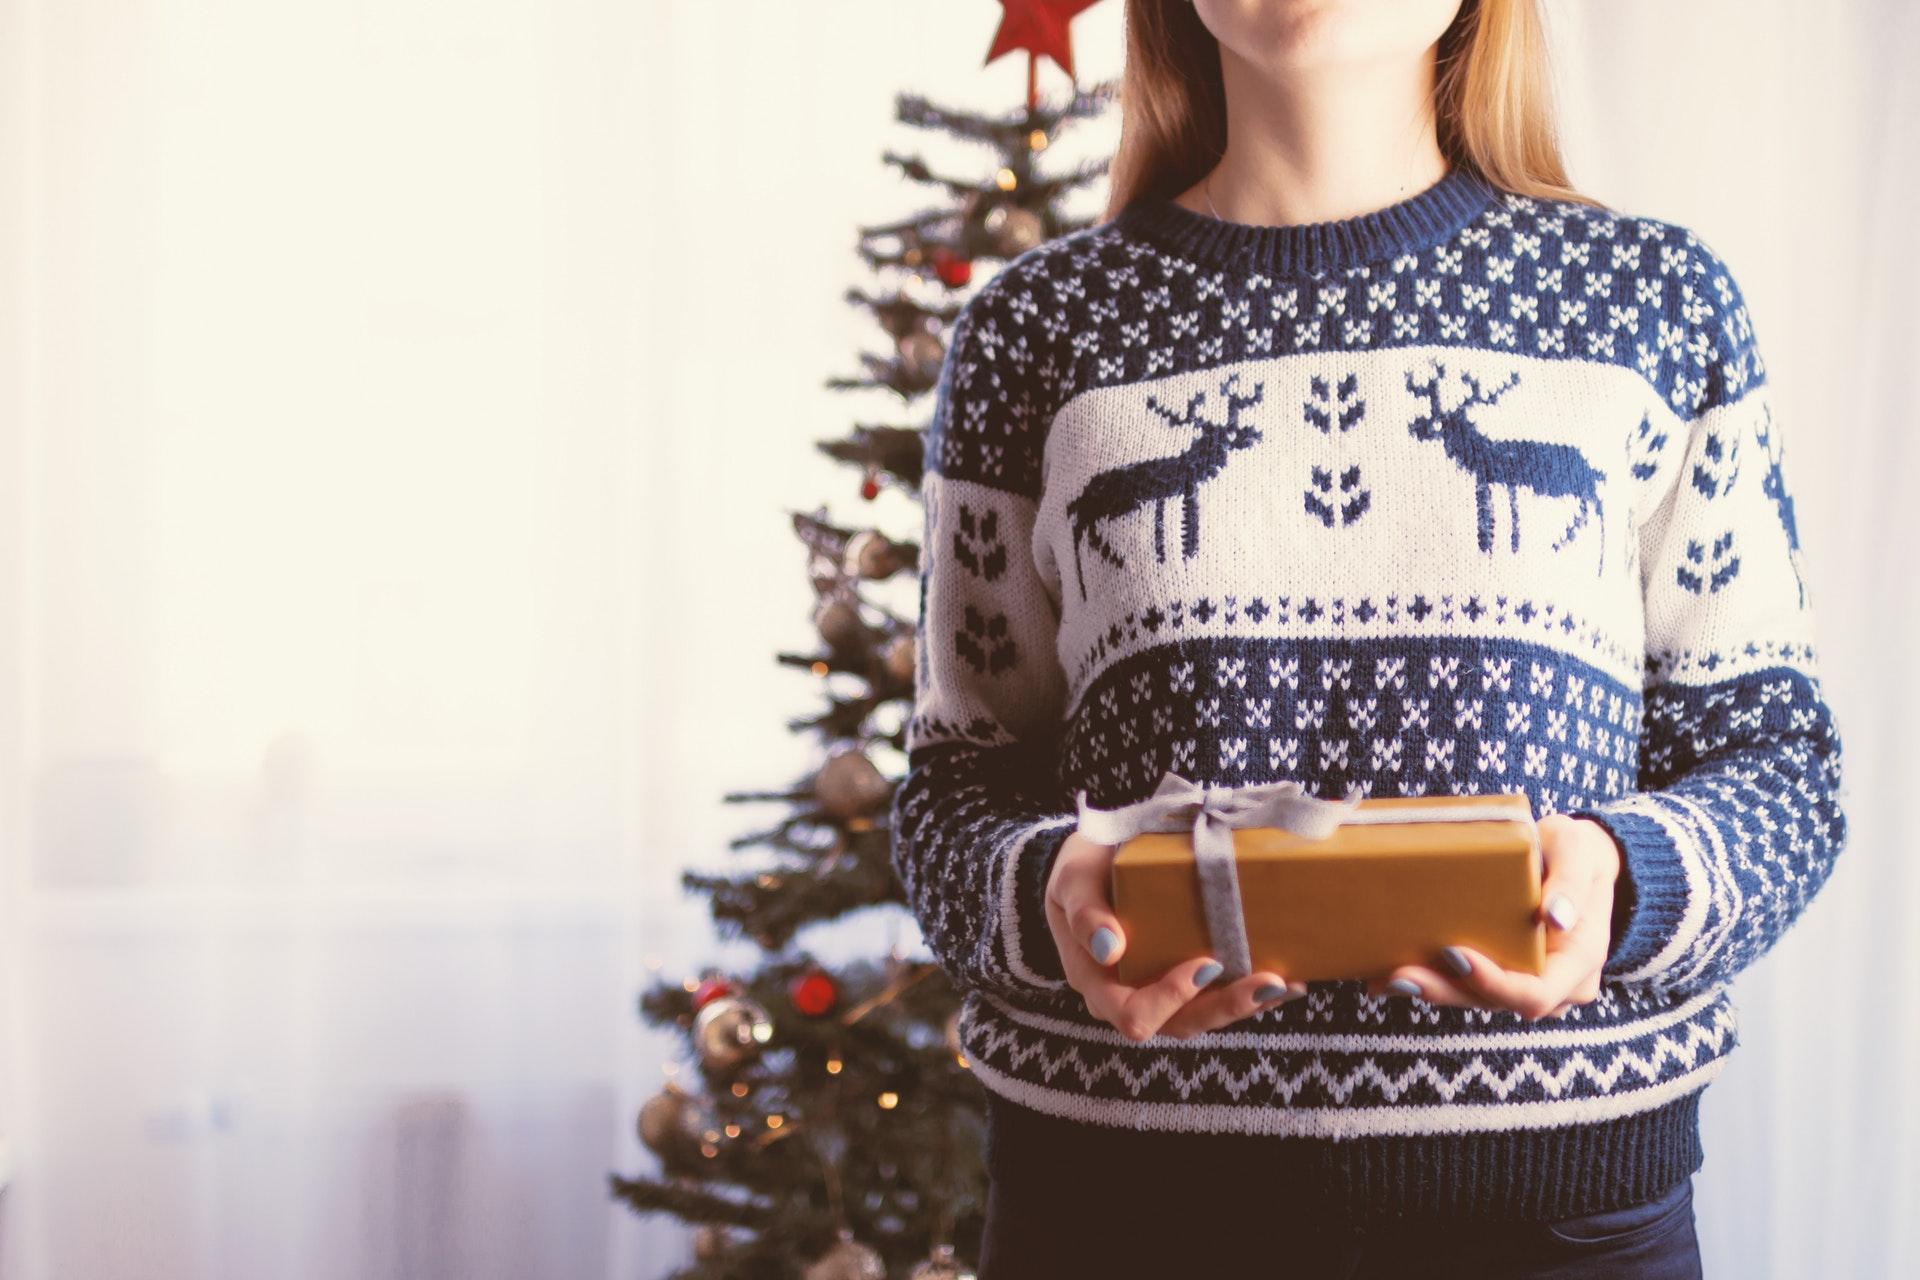 Natale in ufficio: i migliori regali divertenti da fare ai tuoi colleghi